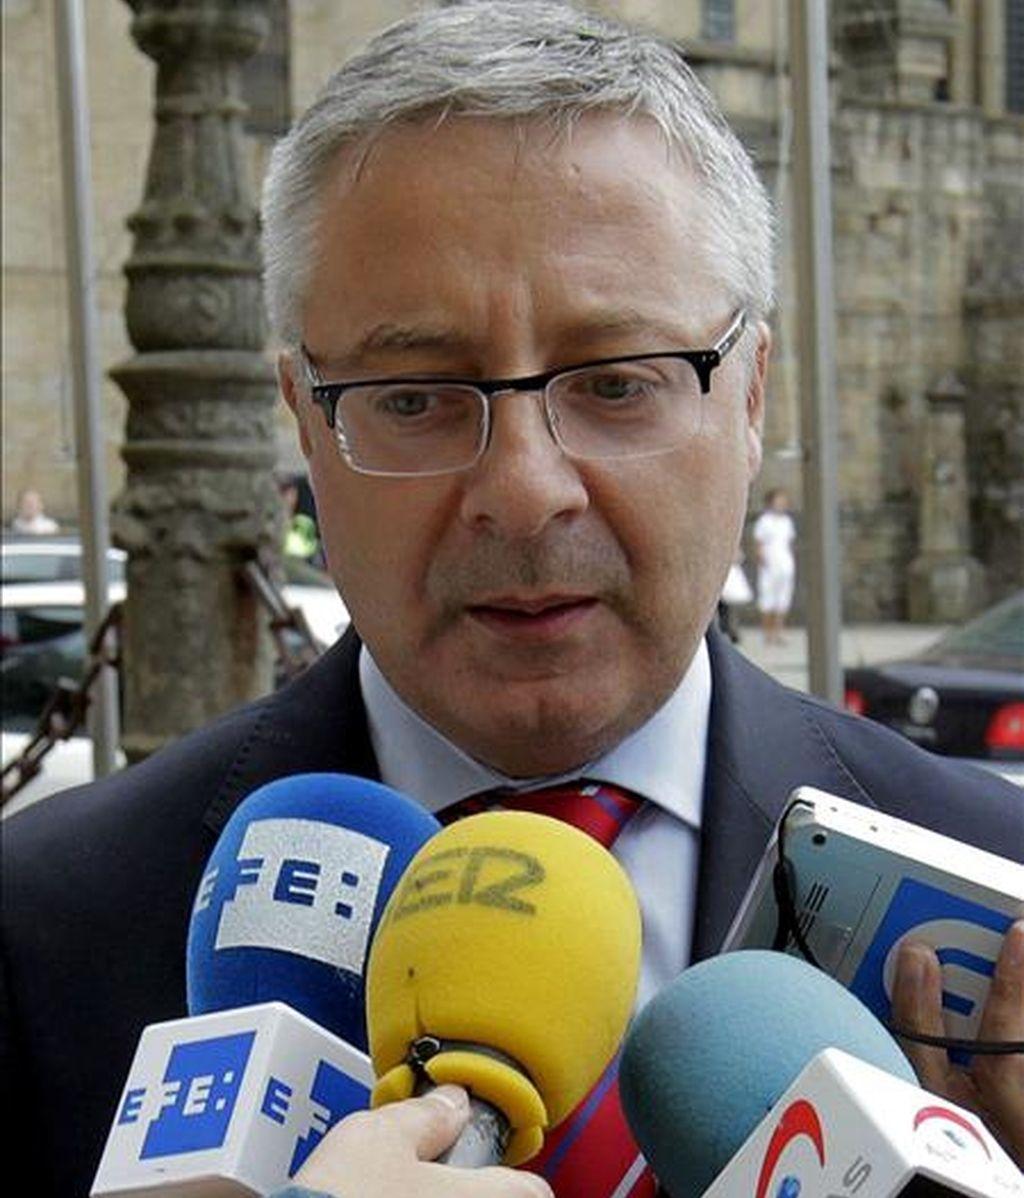 El ministro de Fomento, José Blanco, durante unas declaraciones a la prensa ayer en Santiago de Compostela. EFE